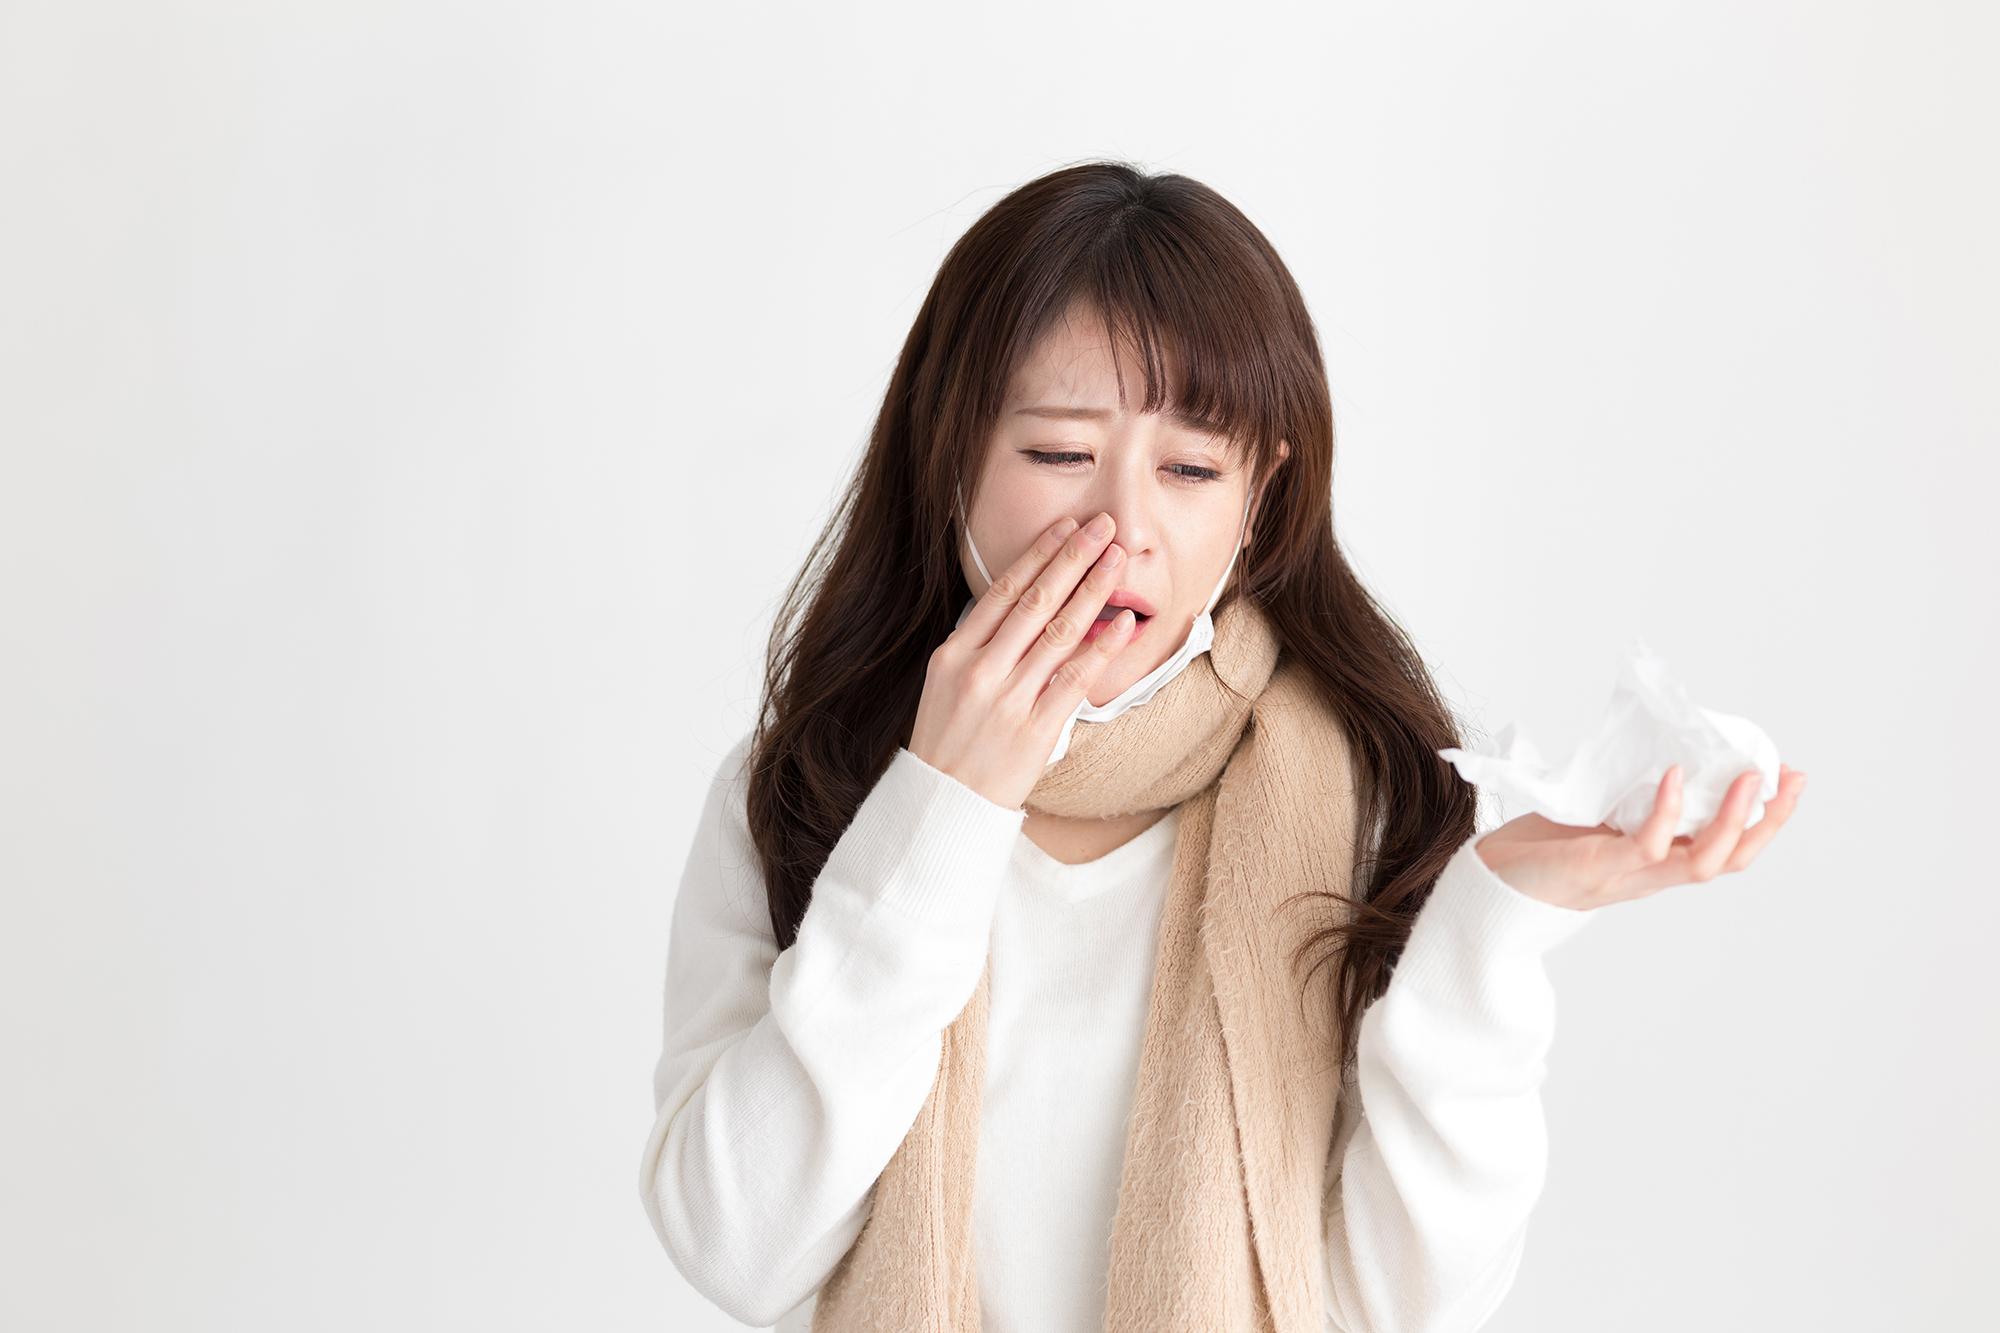 副鼻腔炎 鼻うがい